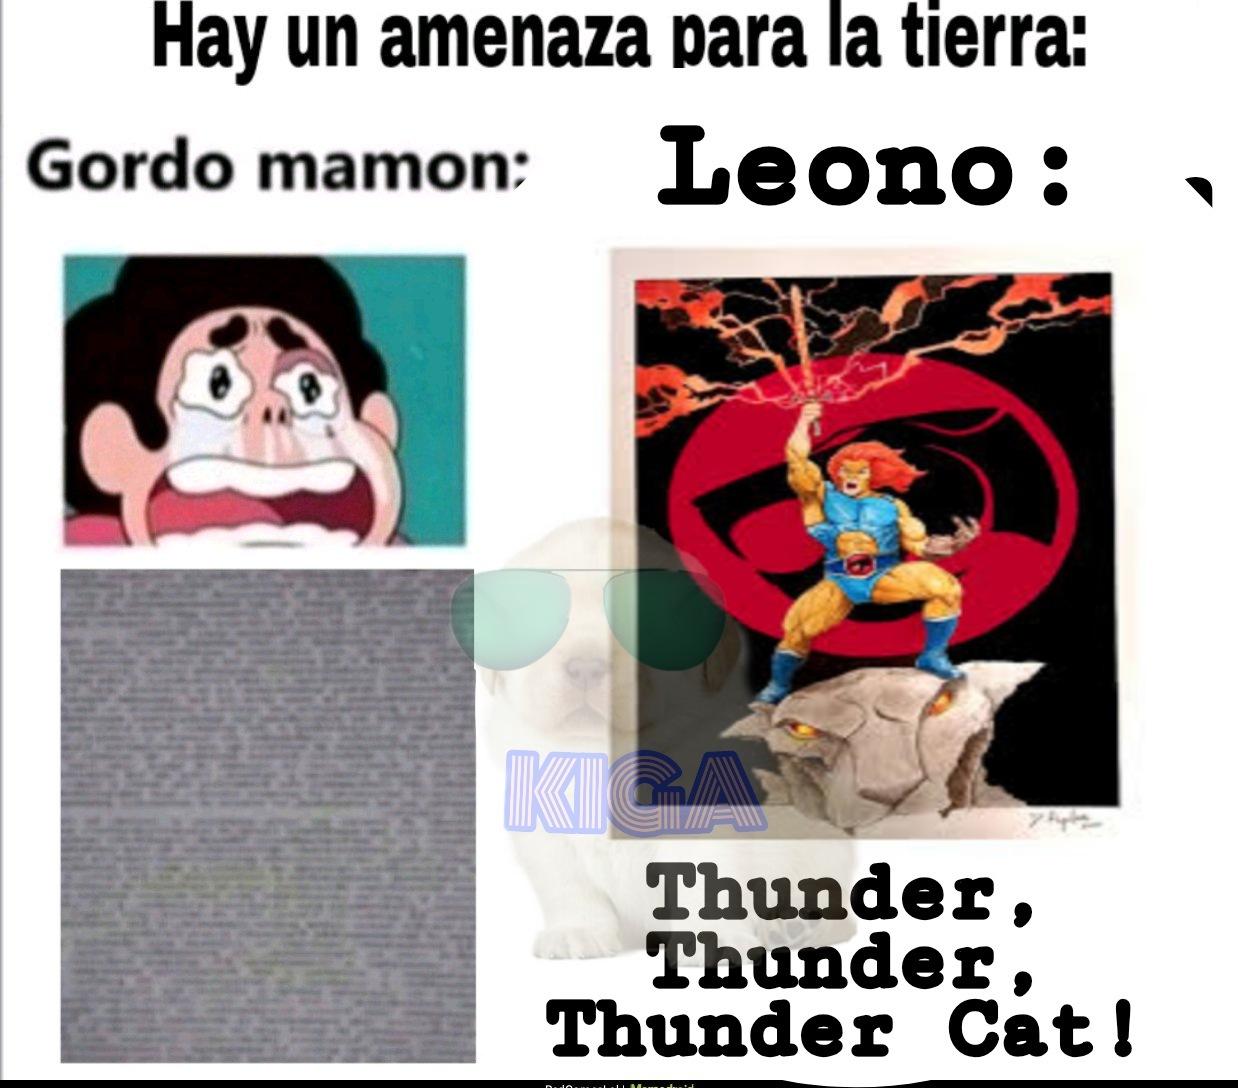 Un kpo el Leono - meme